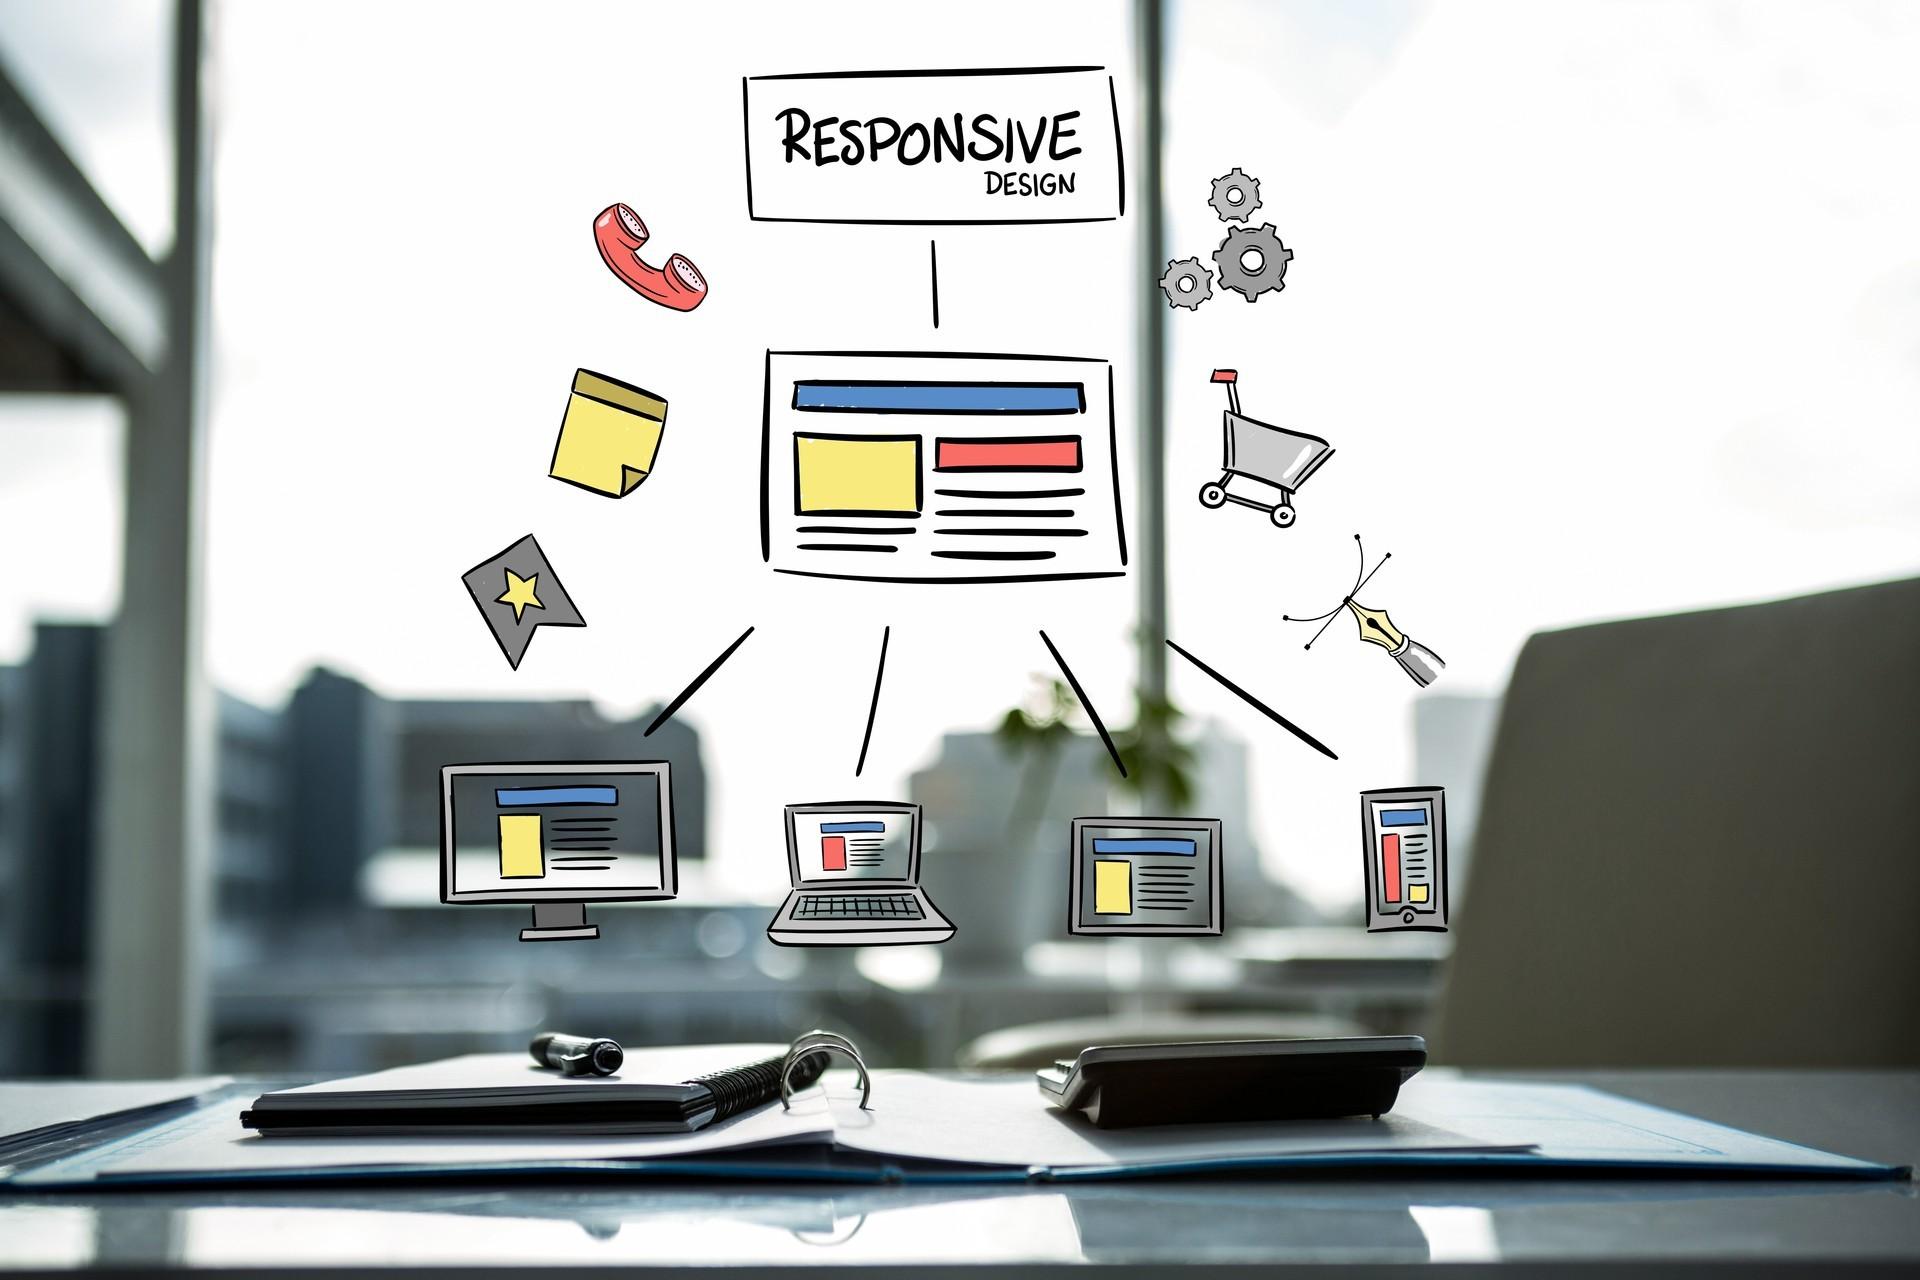 Neden Mobil Uyumlu Bir Web Siteniz Olmalı?